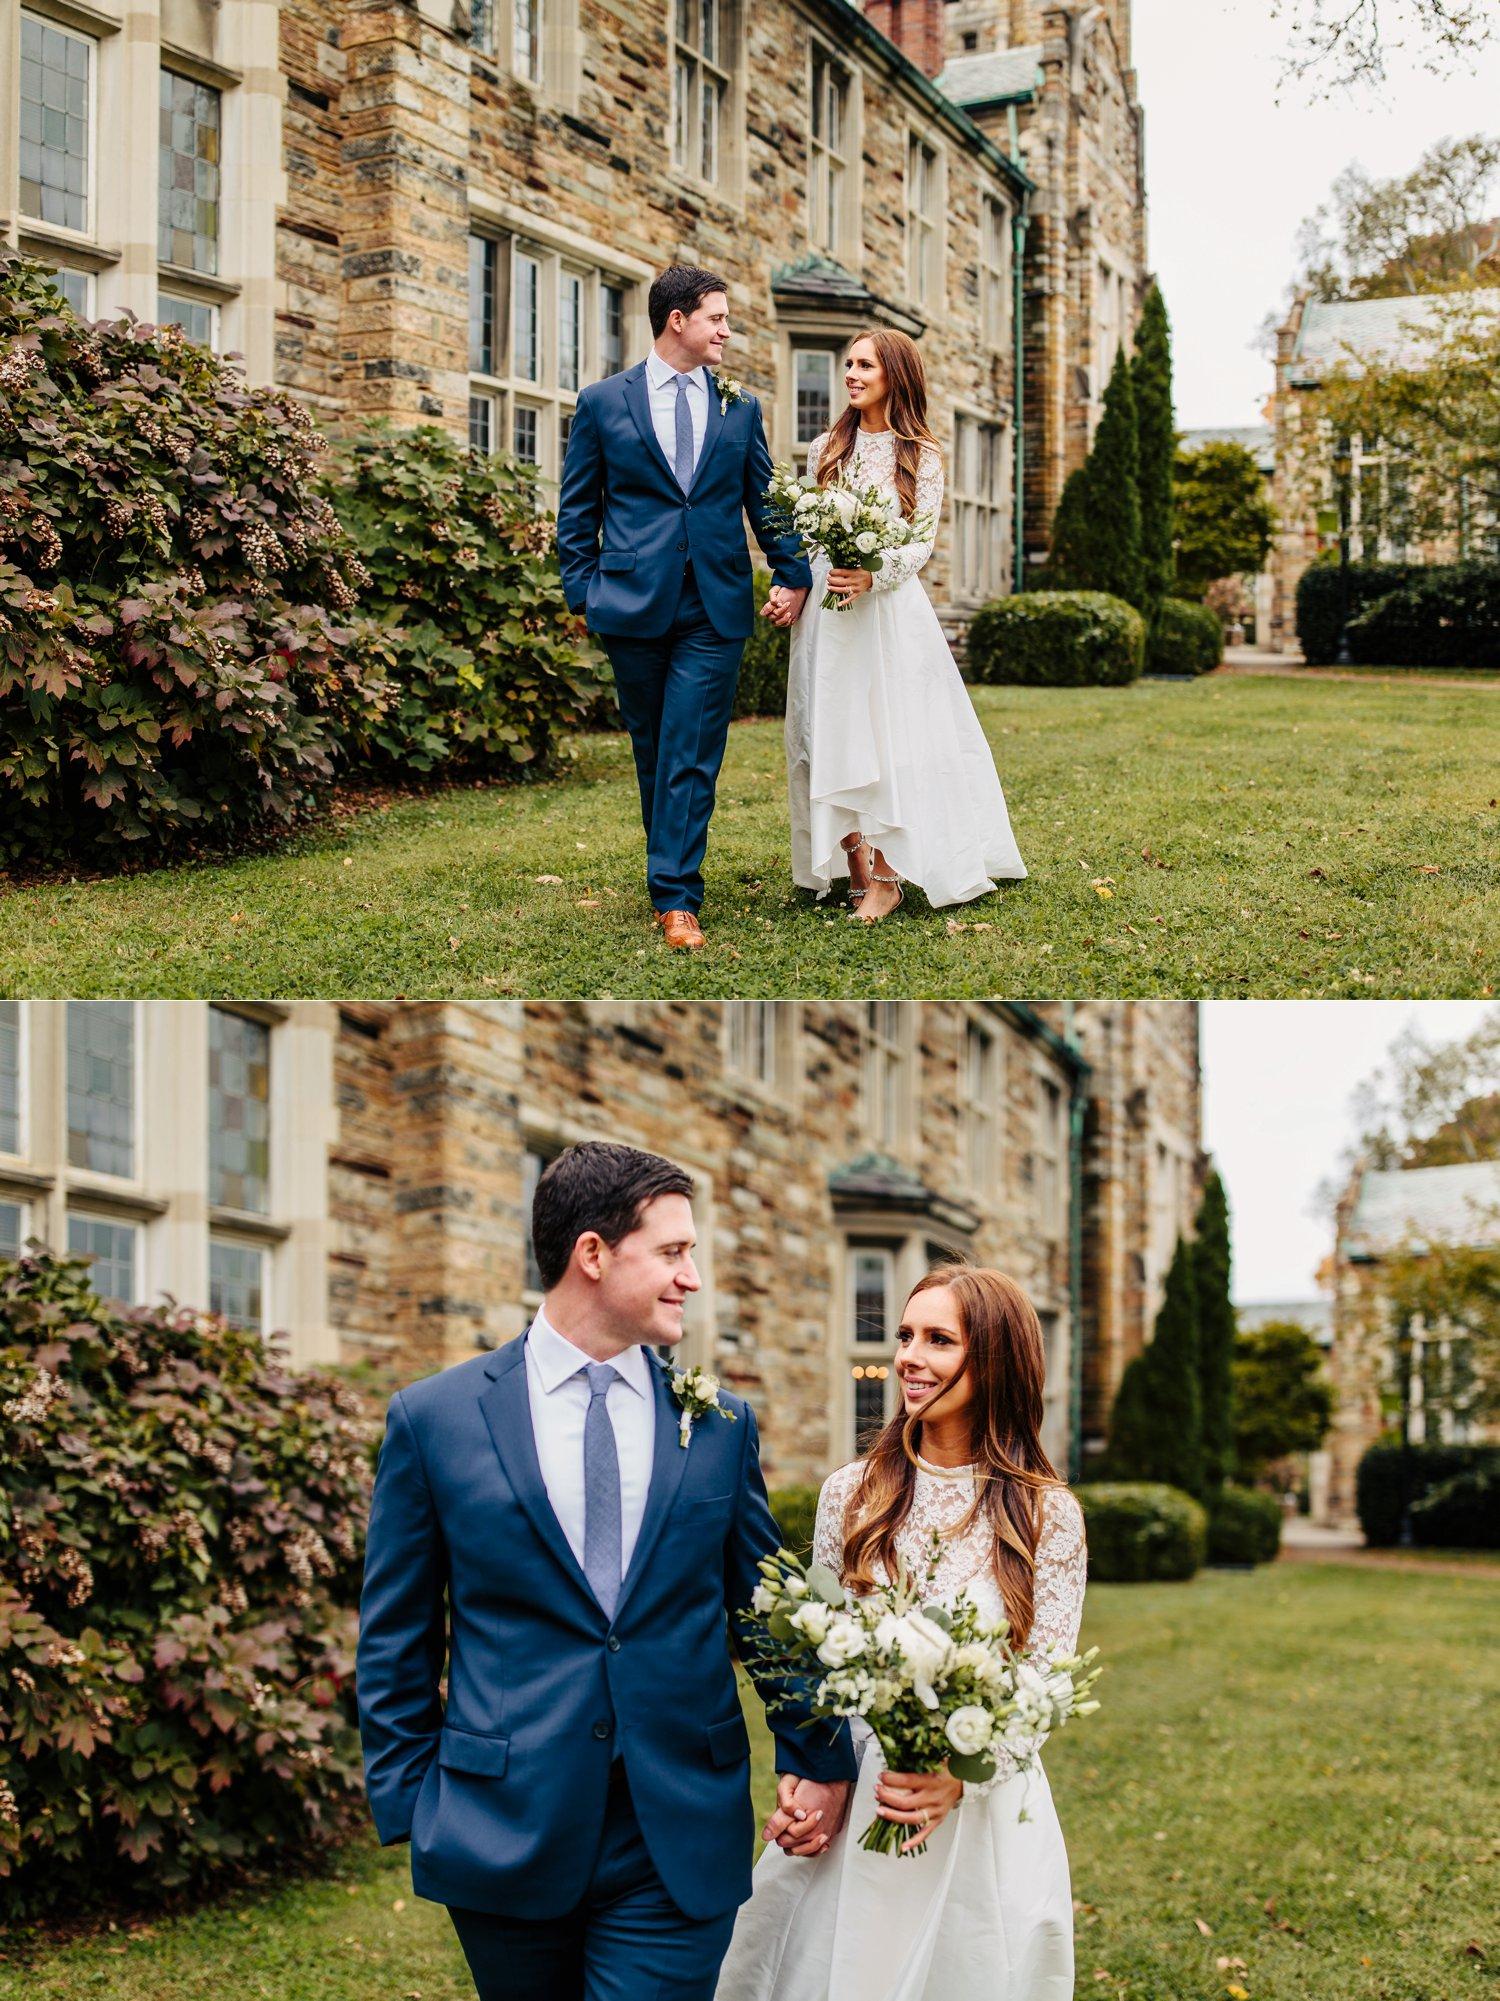 CK-Photo-scarritt-bennett-wedding_0015.jpg